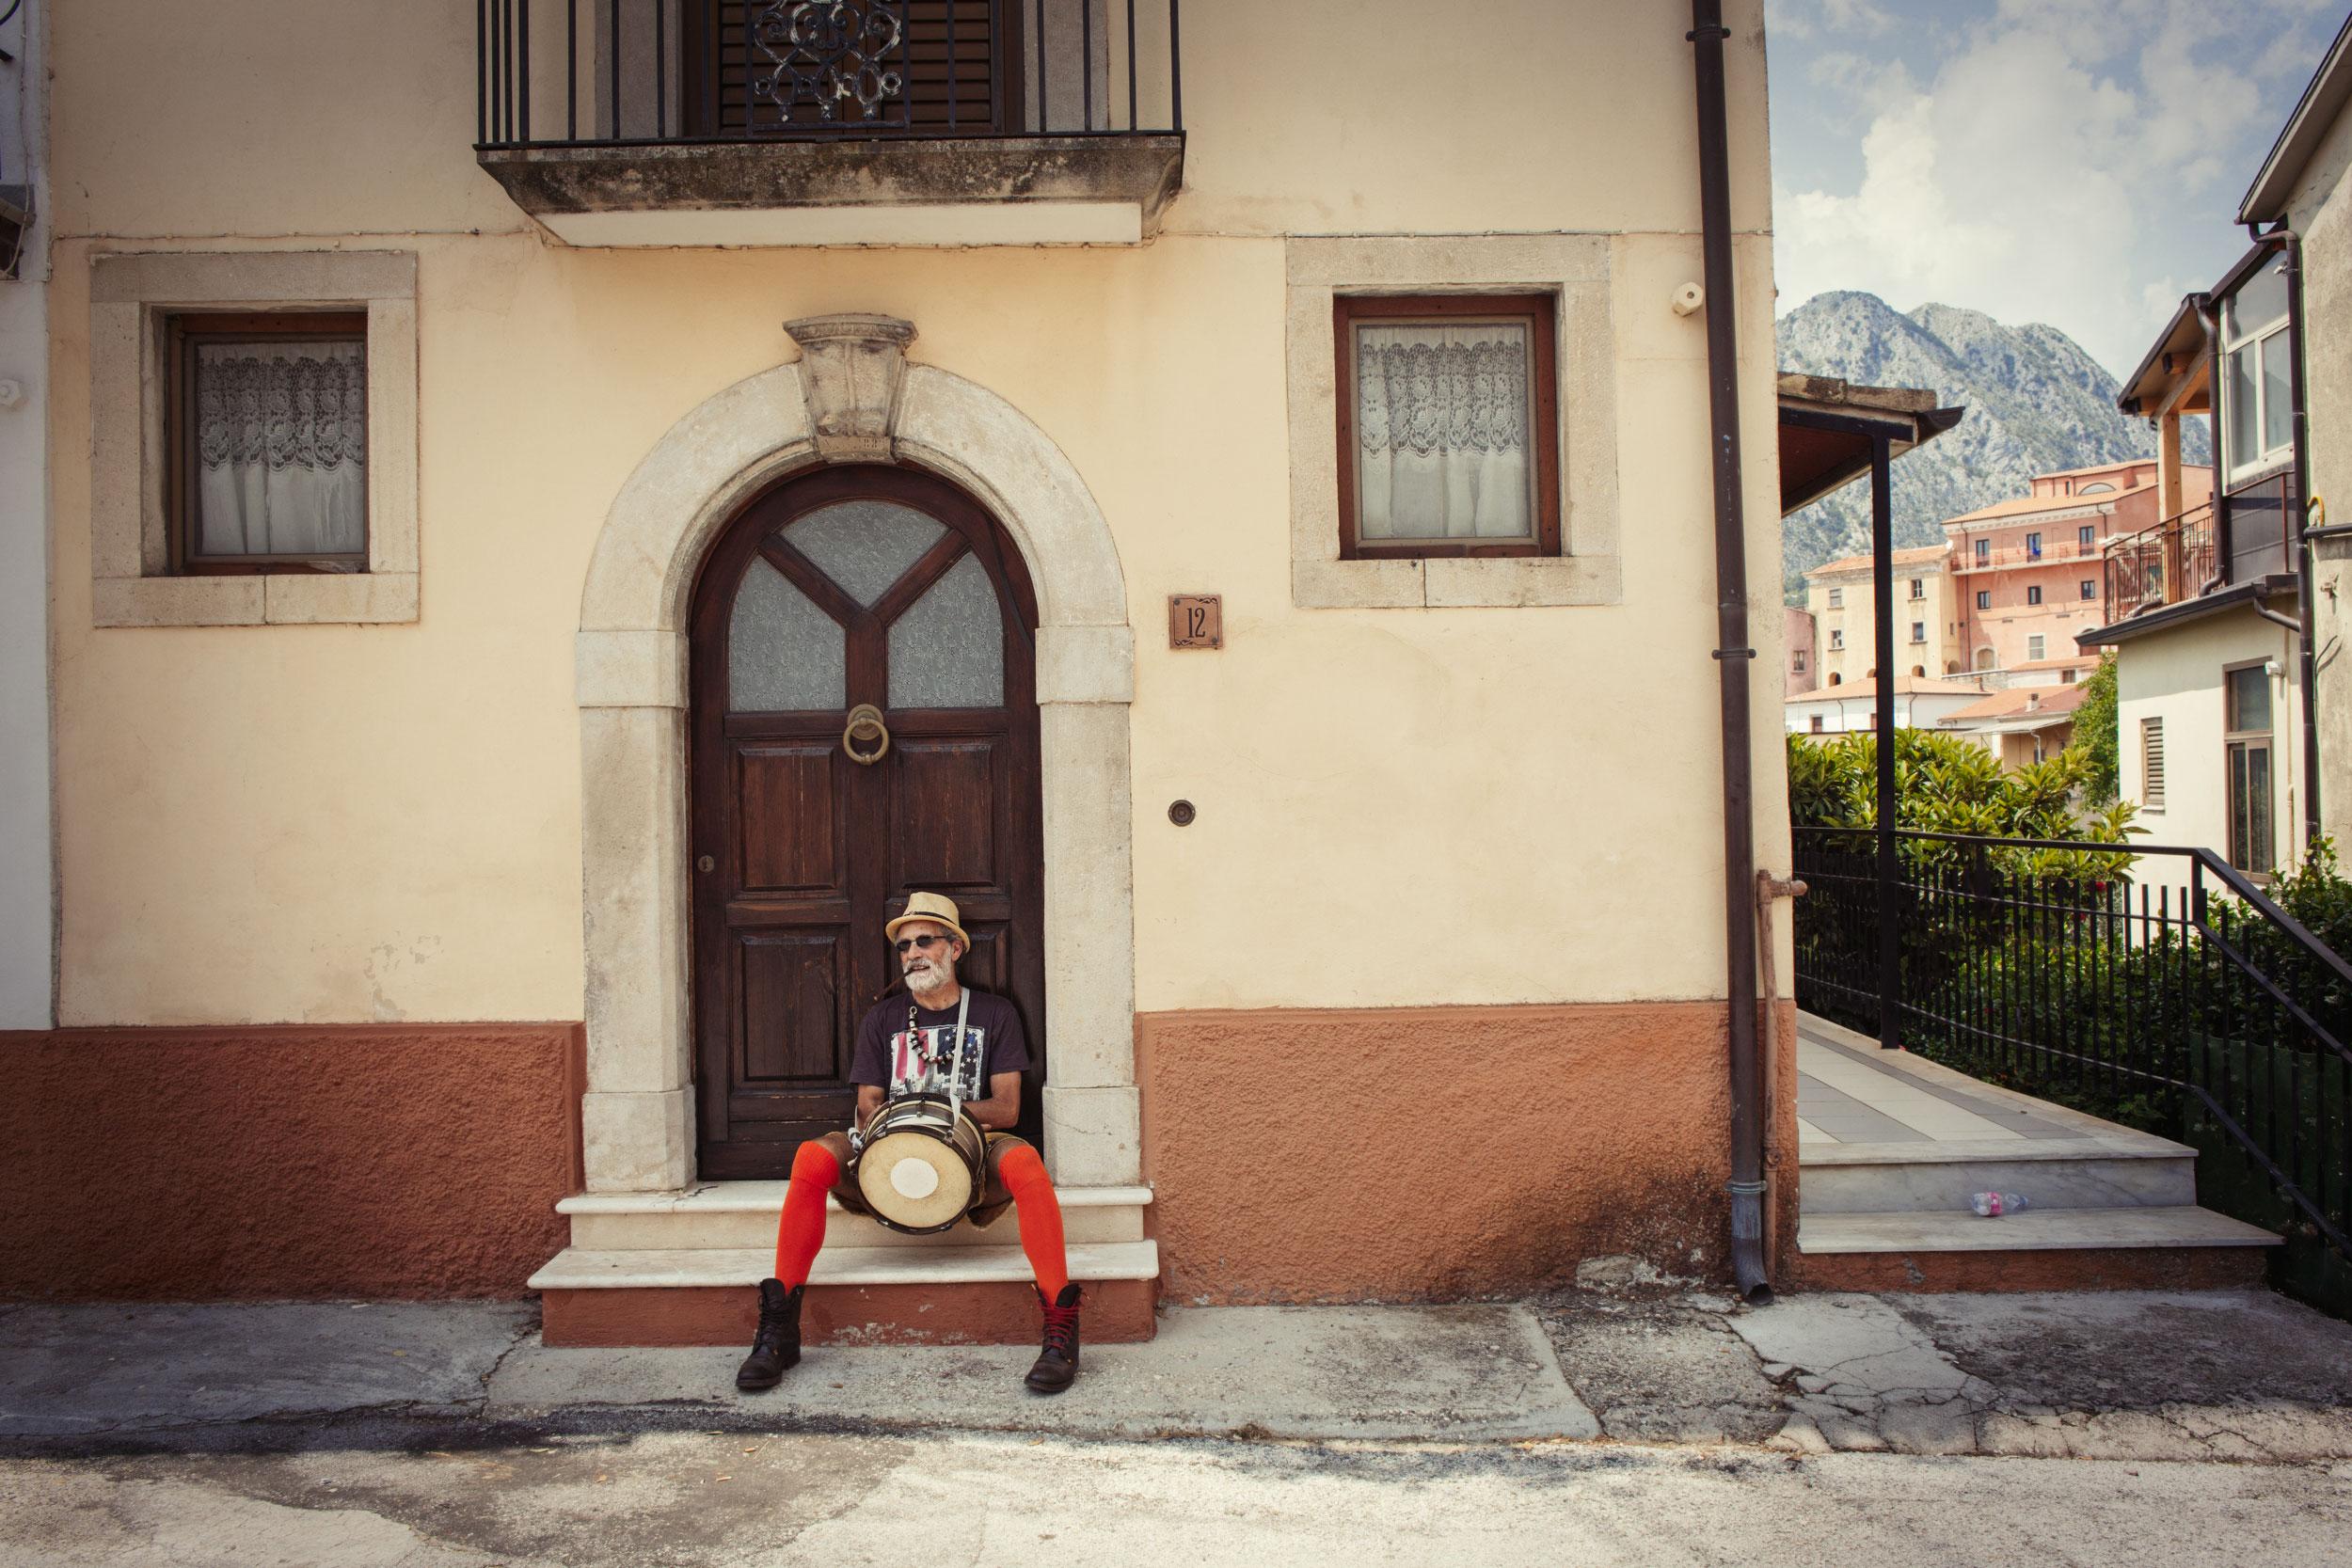 Scapoli (IS), Luglio 2018. Uno dei tanti caratteristici e colorati partecipanti al festival immortalato nelle strade del piccolo borgo molisano che ospita la manifestazione.